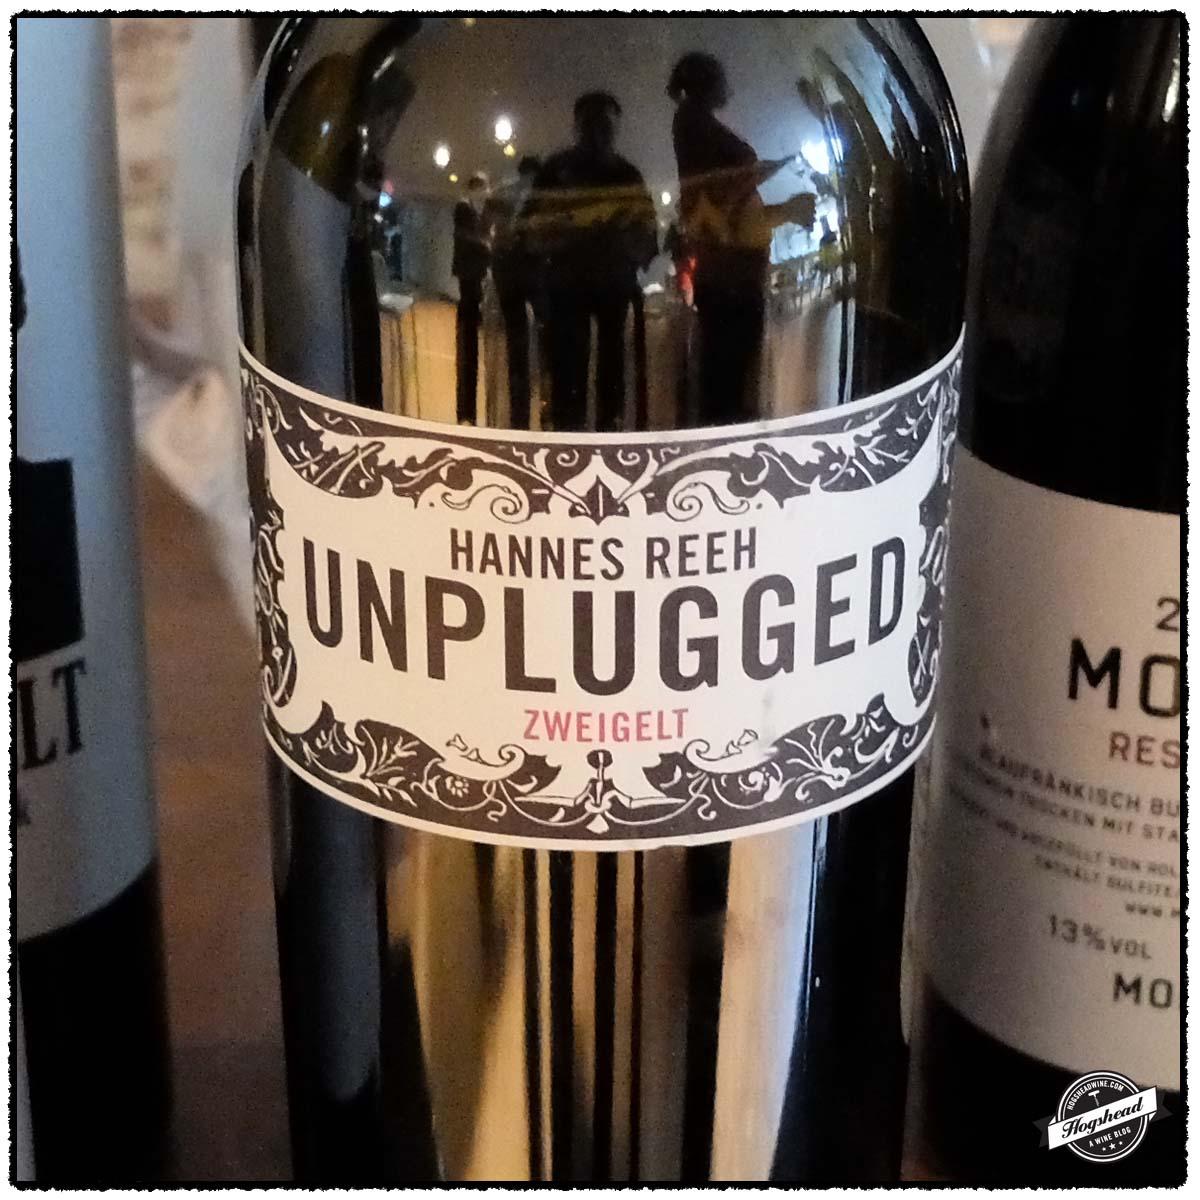 Zweigelt Unplugged